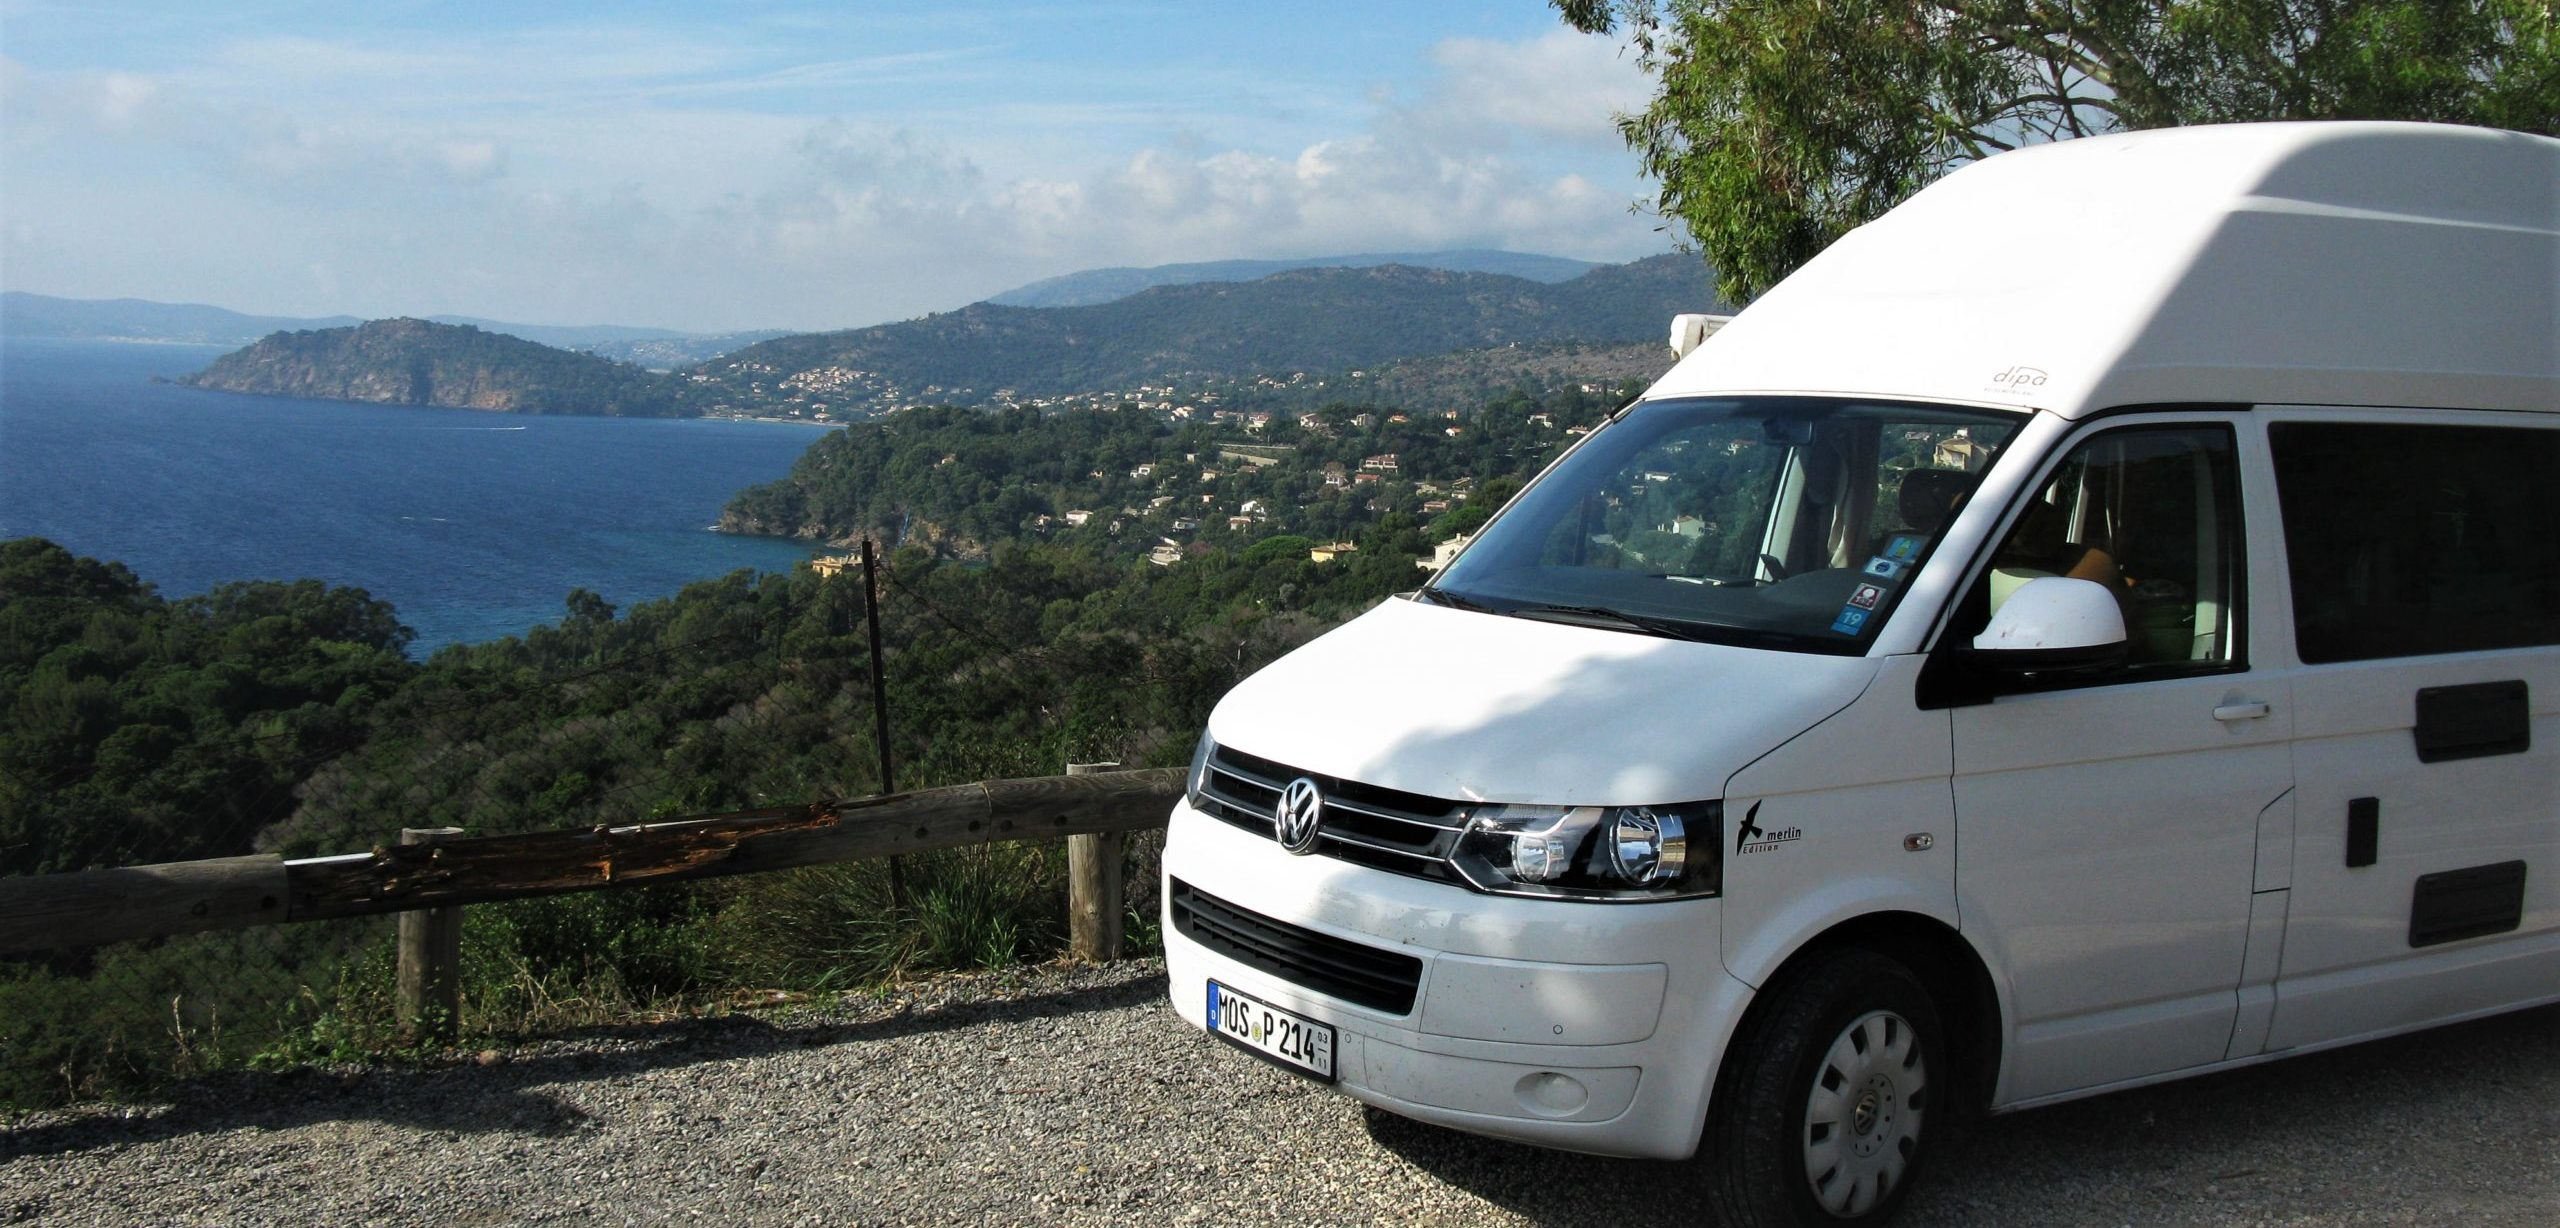 Provence, Lavandou